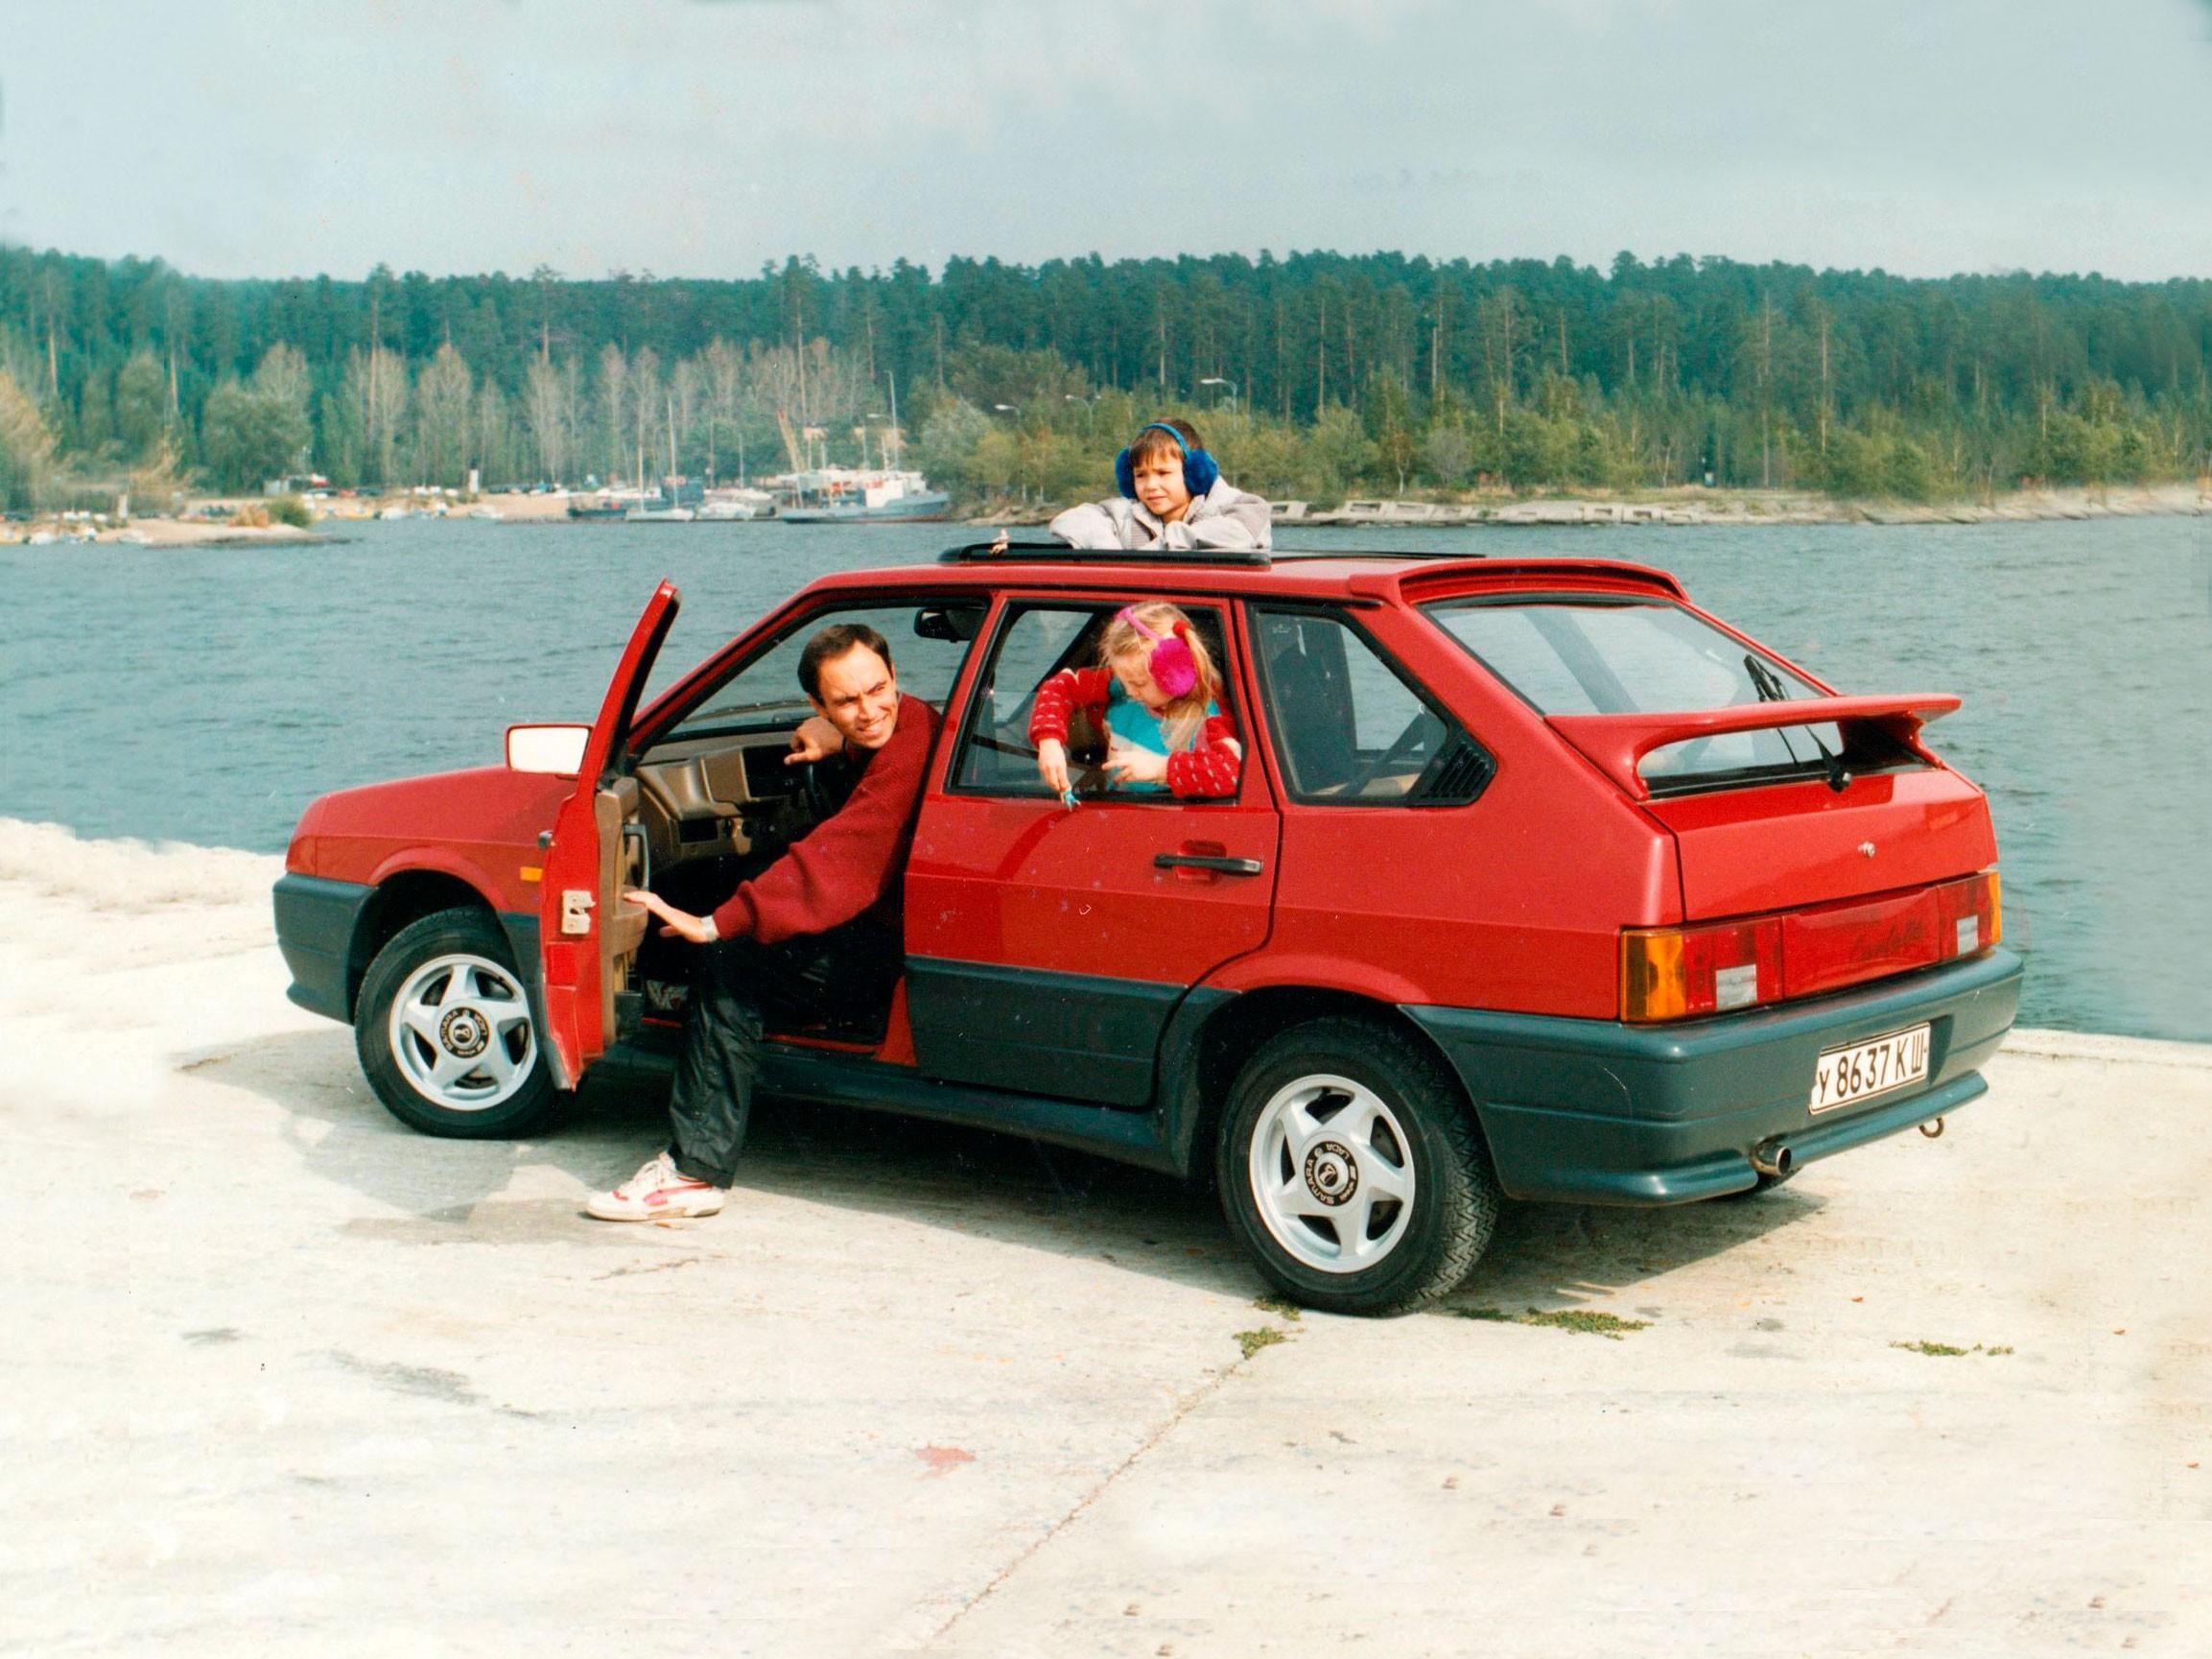 История разработки и успеха бельгийской версии Lada Samara